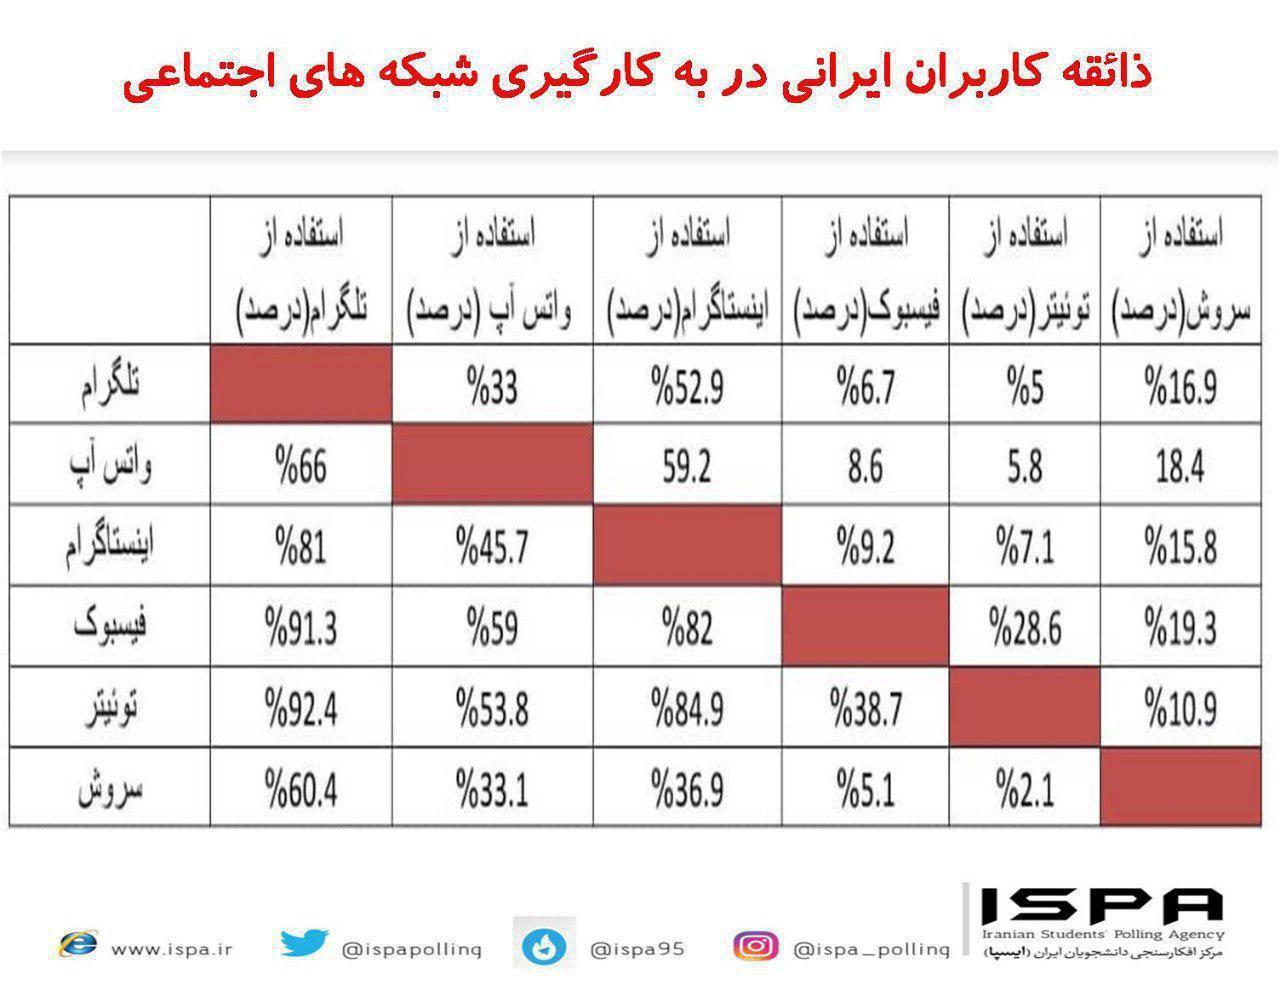 ایرانیها چگونه از شبکههای اجتماعی استفاده میکنند؟